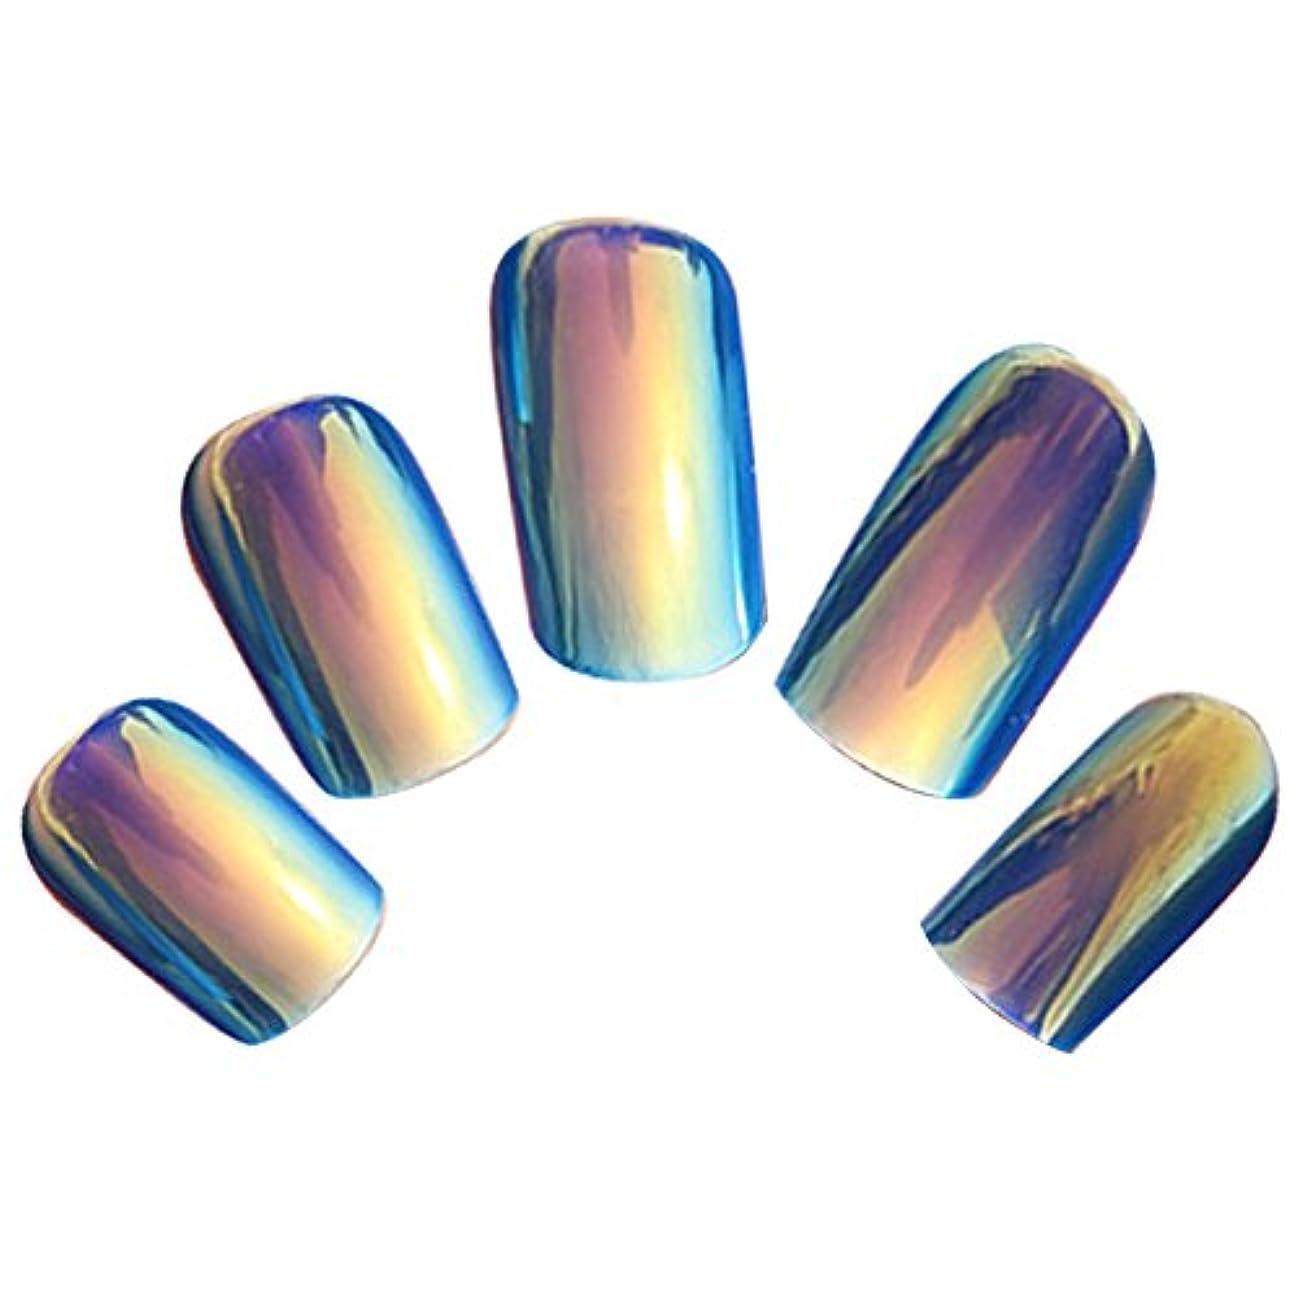 朝ごはん放課後近似ゴシレ Gosear 24 個 12 サイズ ネイルチップ 人工偽爪のヒント 青色